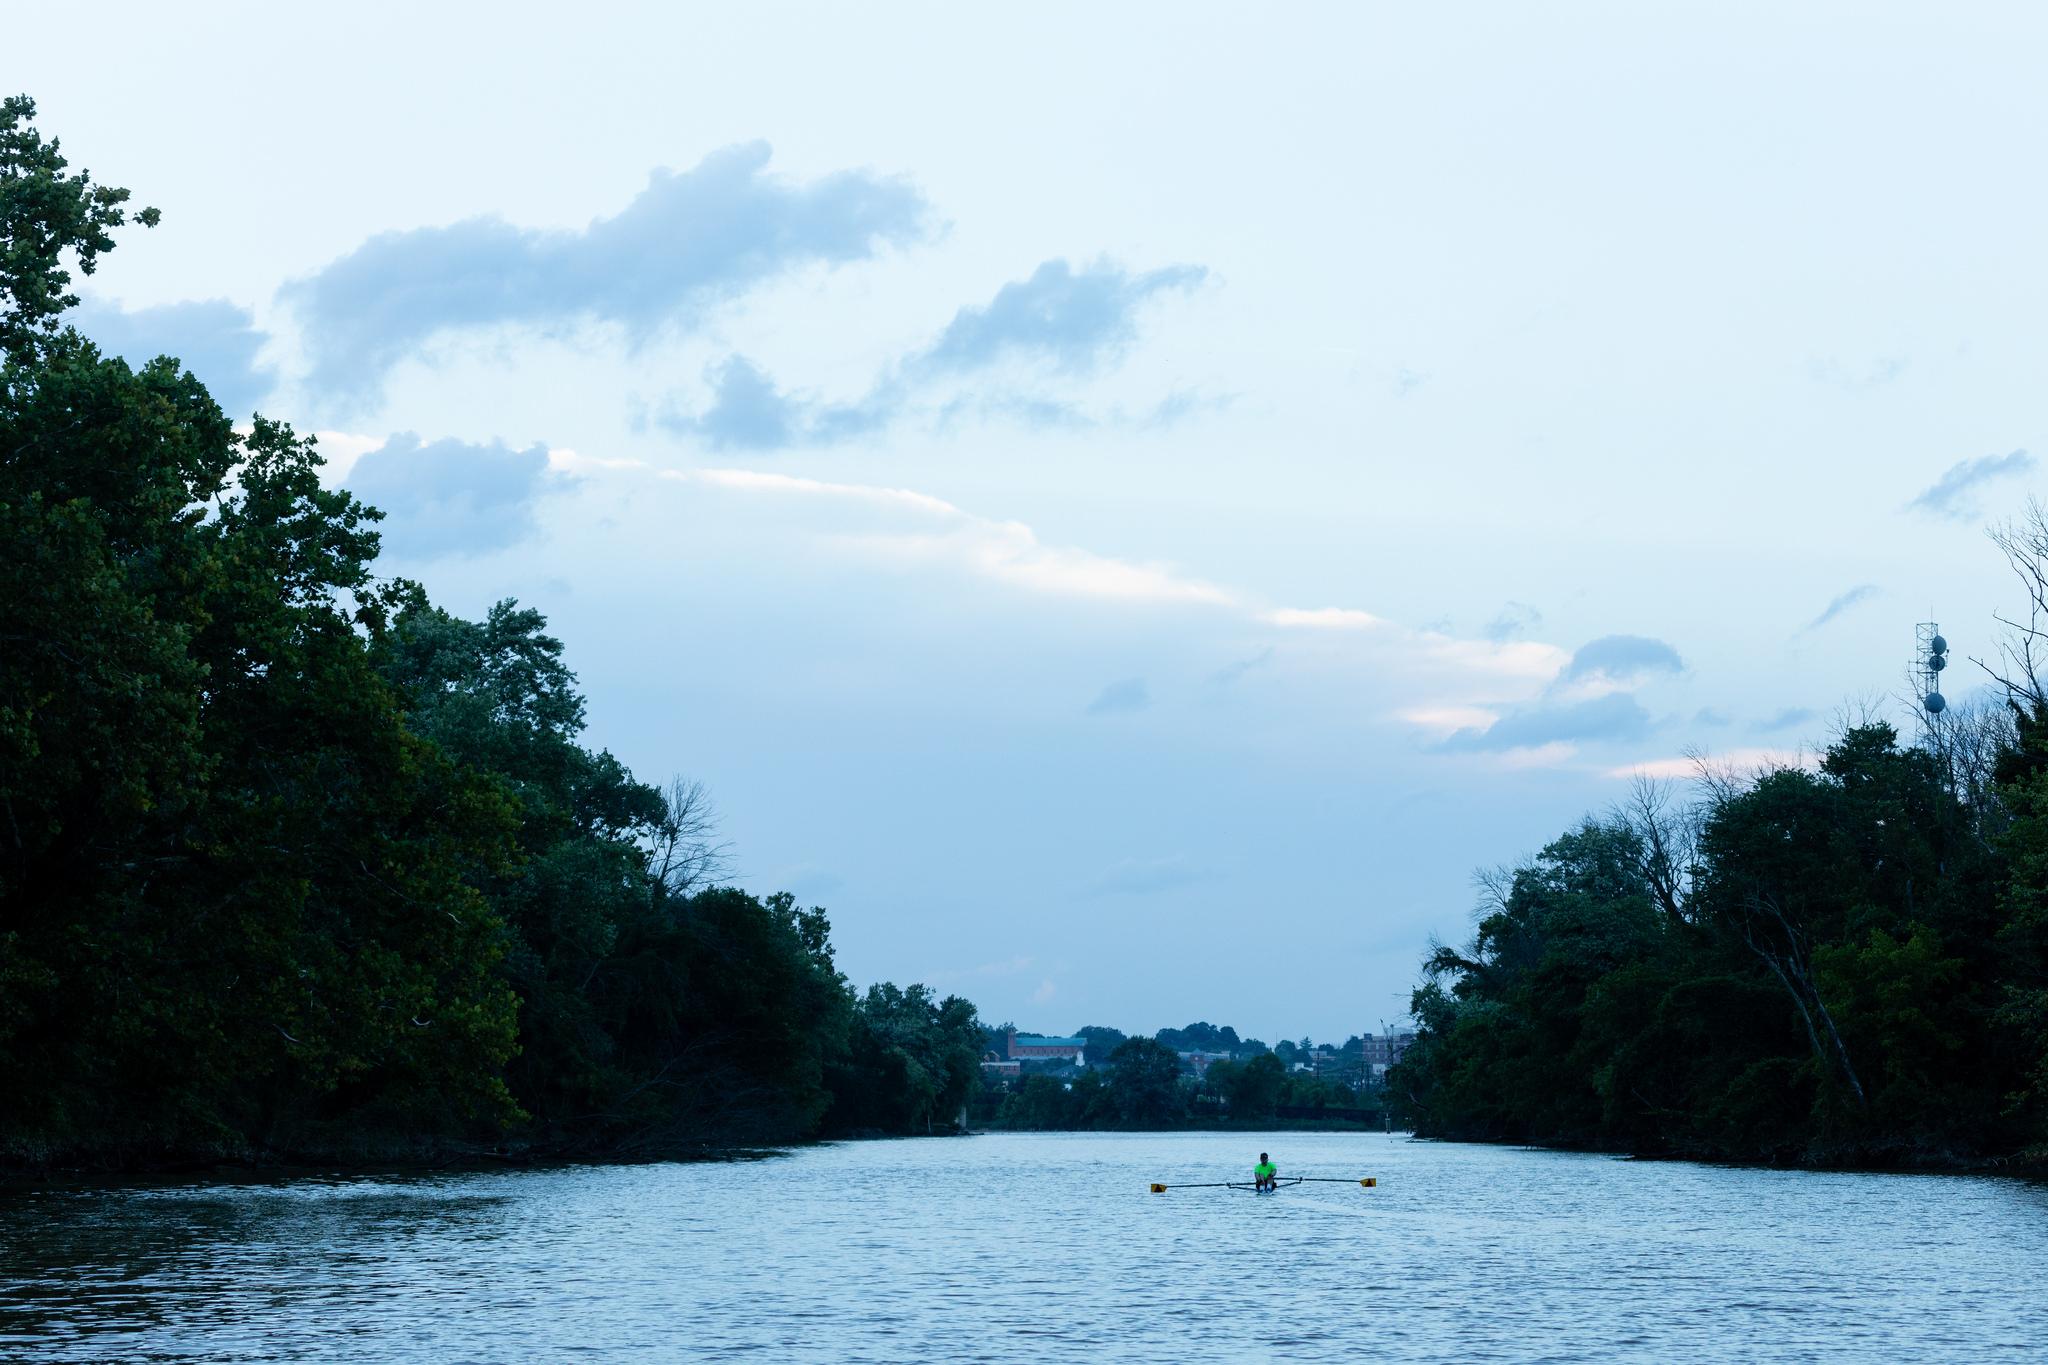 Photo by Kaitlyn Dolan/Chesapeake Bay Program